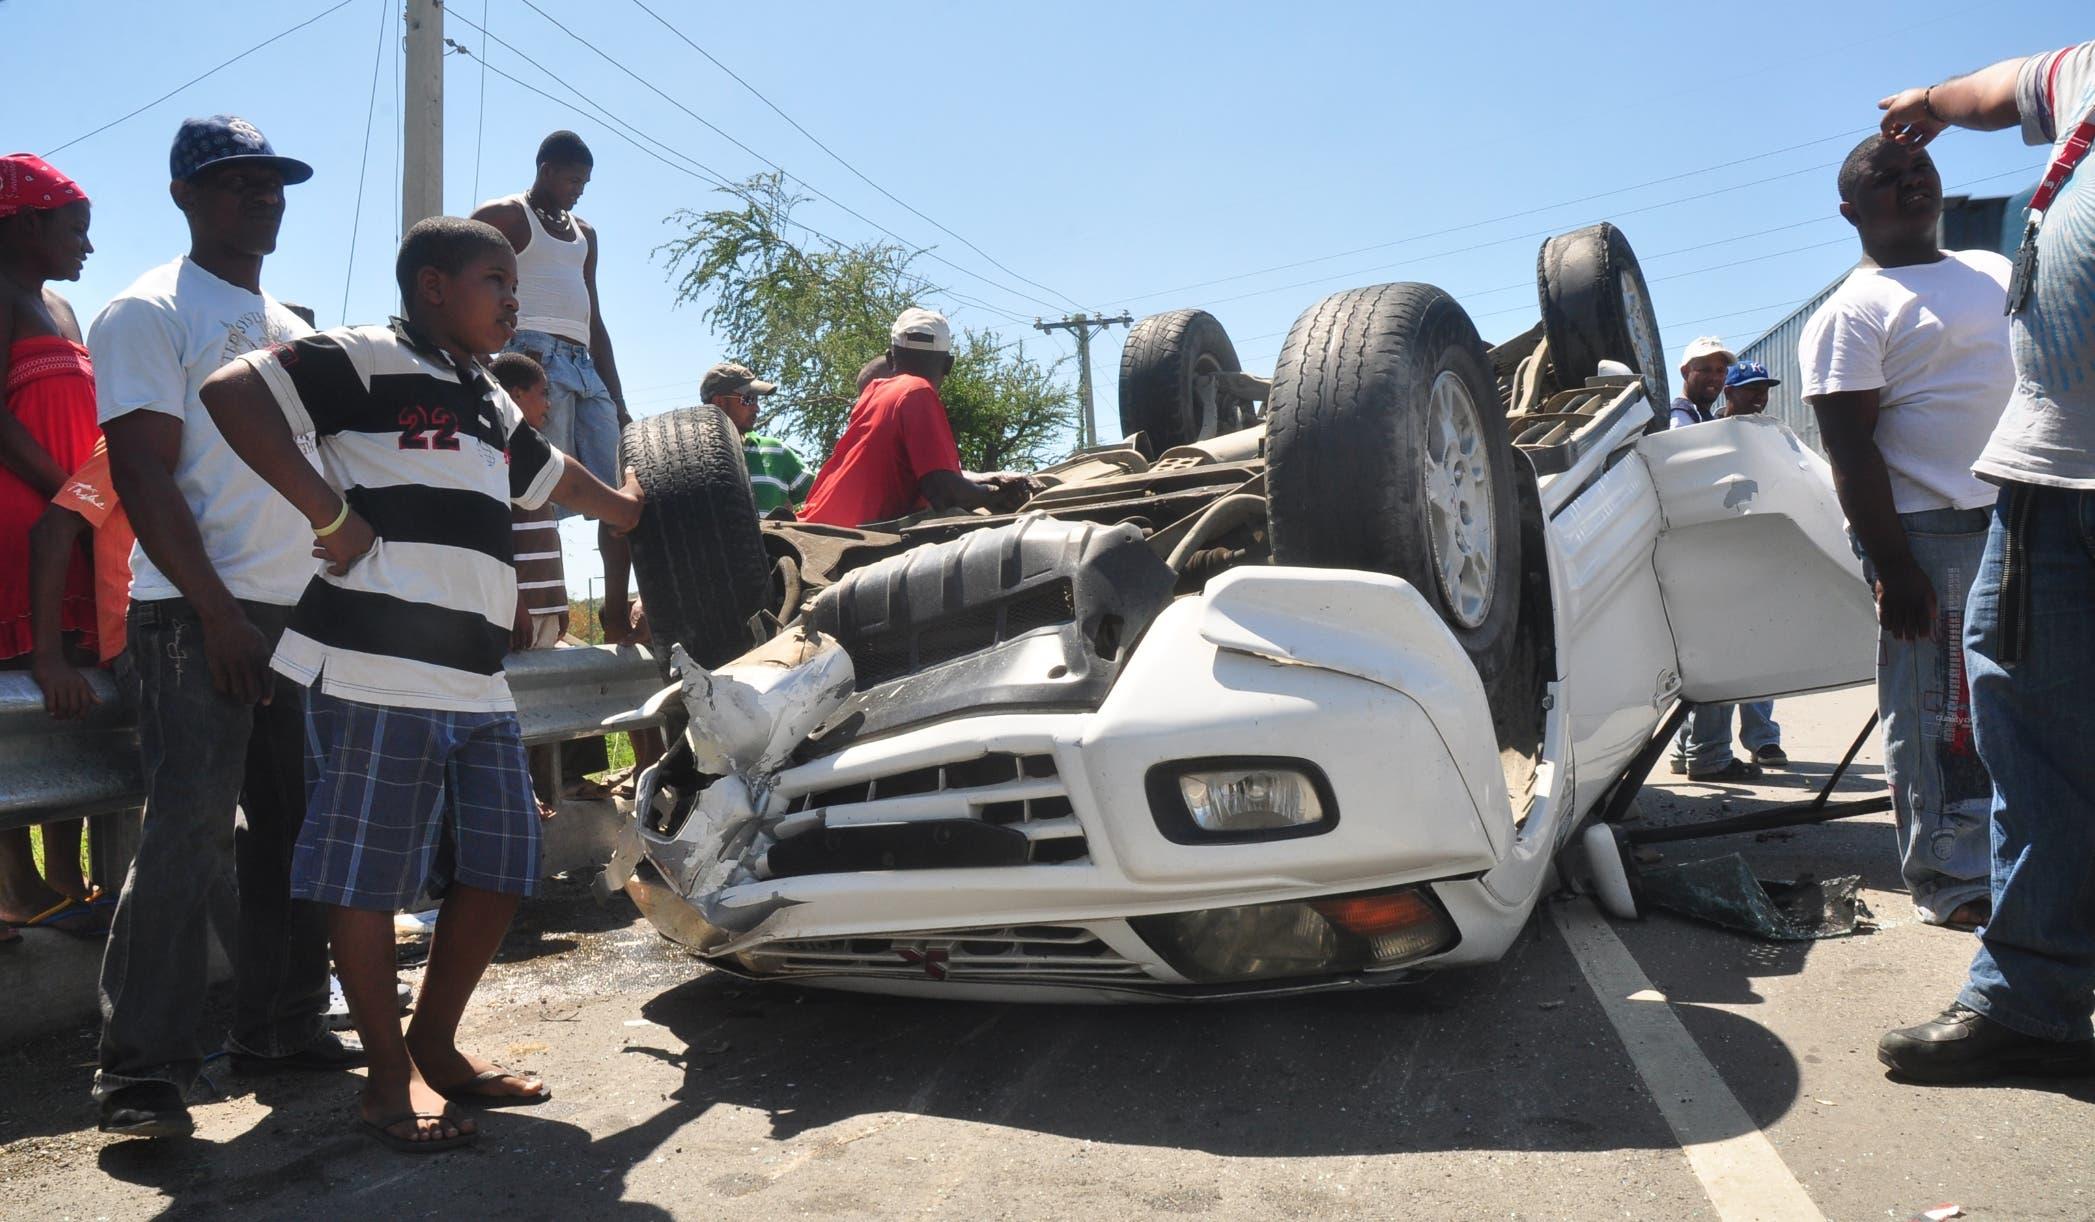 Comúnmente en un accidente vial  curiosos se aglomeran en el lugar del hecho, obstaculizando a los paramédicos y corriendo el riesgo de  provocar otro.